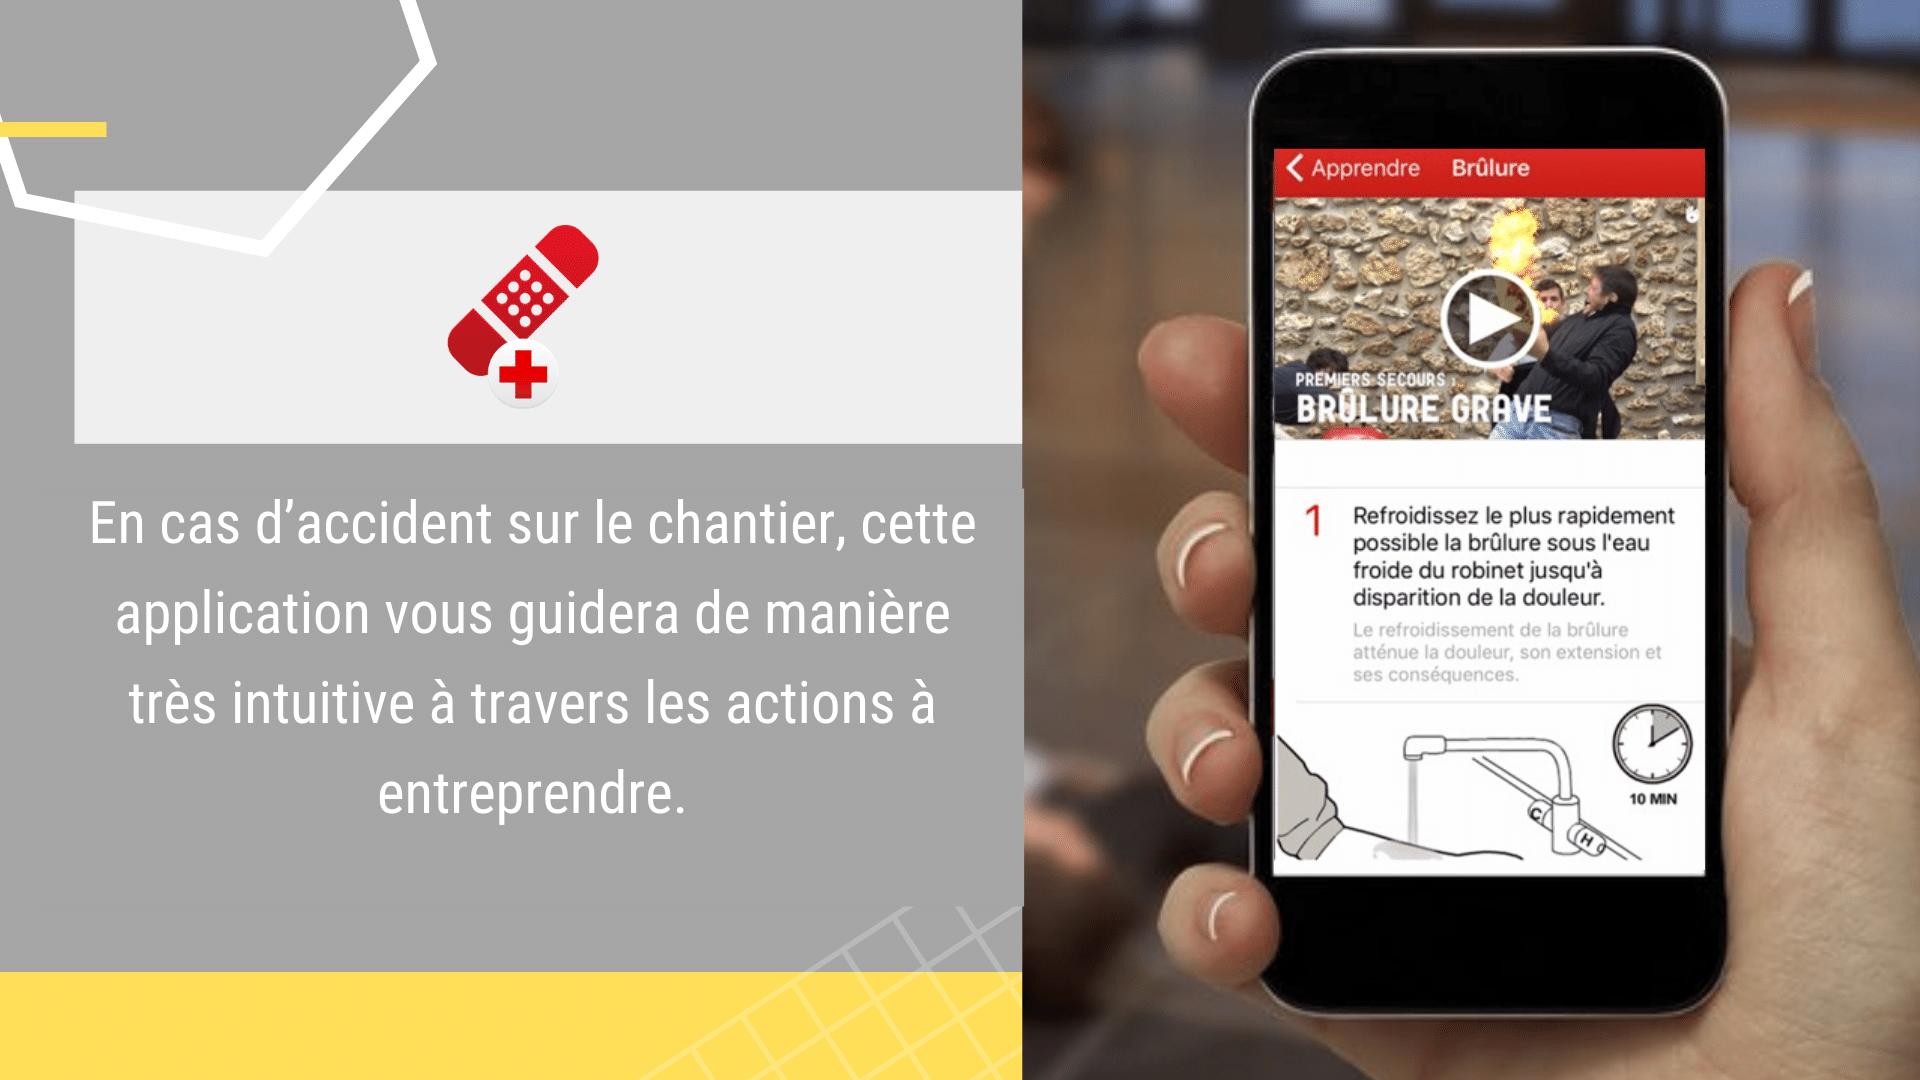 17 Applications de Construction Gratuites - Outils sur votre smartphone | CroixRouge via ArchiSnapper